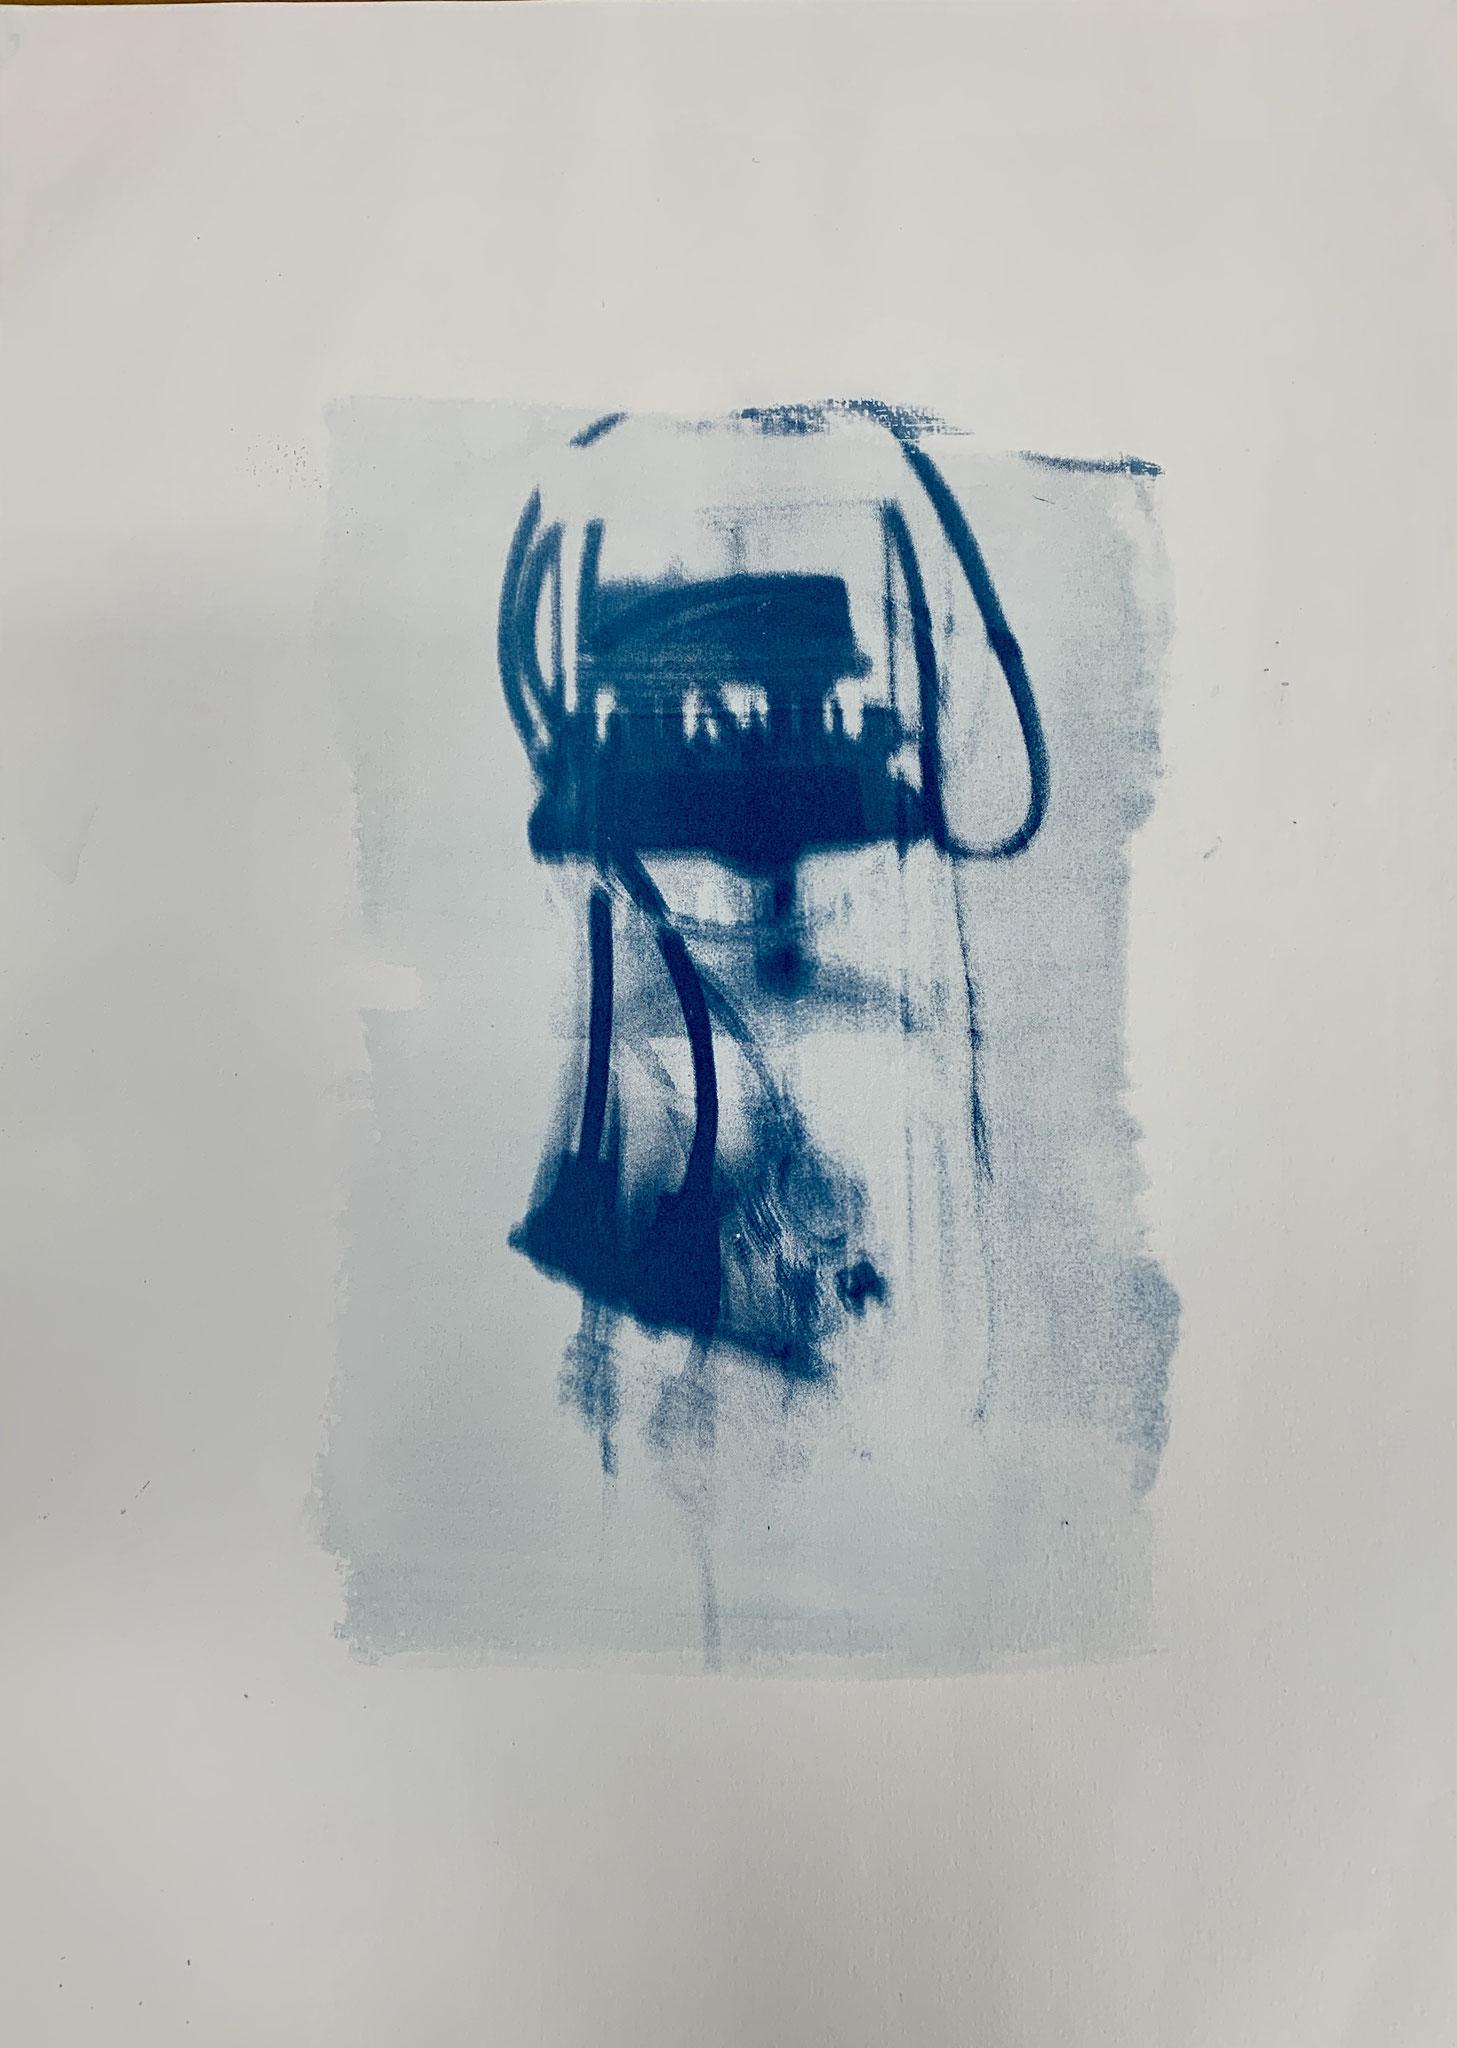 Lampenvariationen Pt.3, Cyanotypie, 50 x 70 cm,  2020